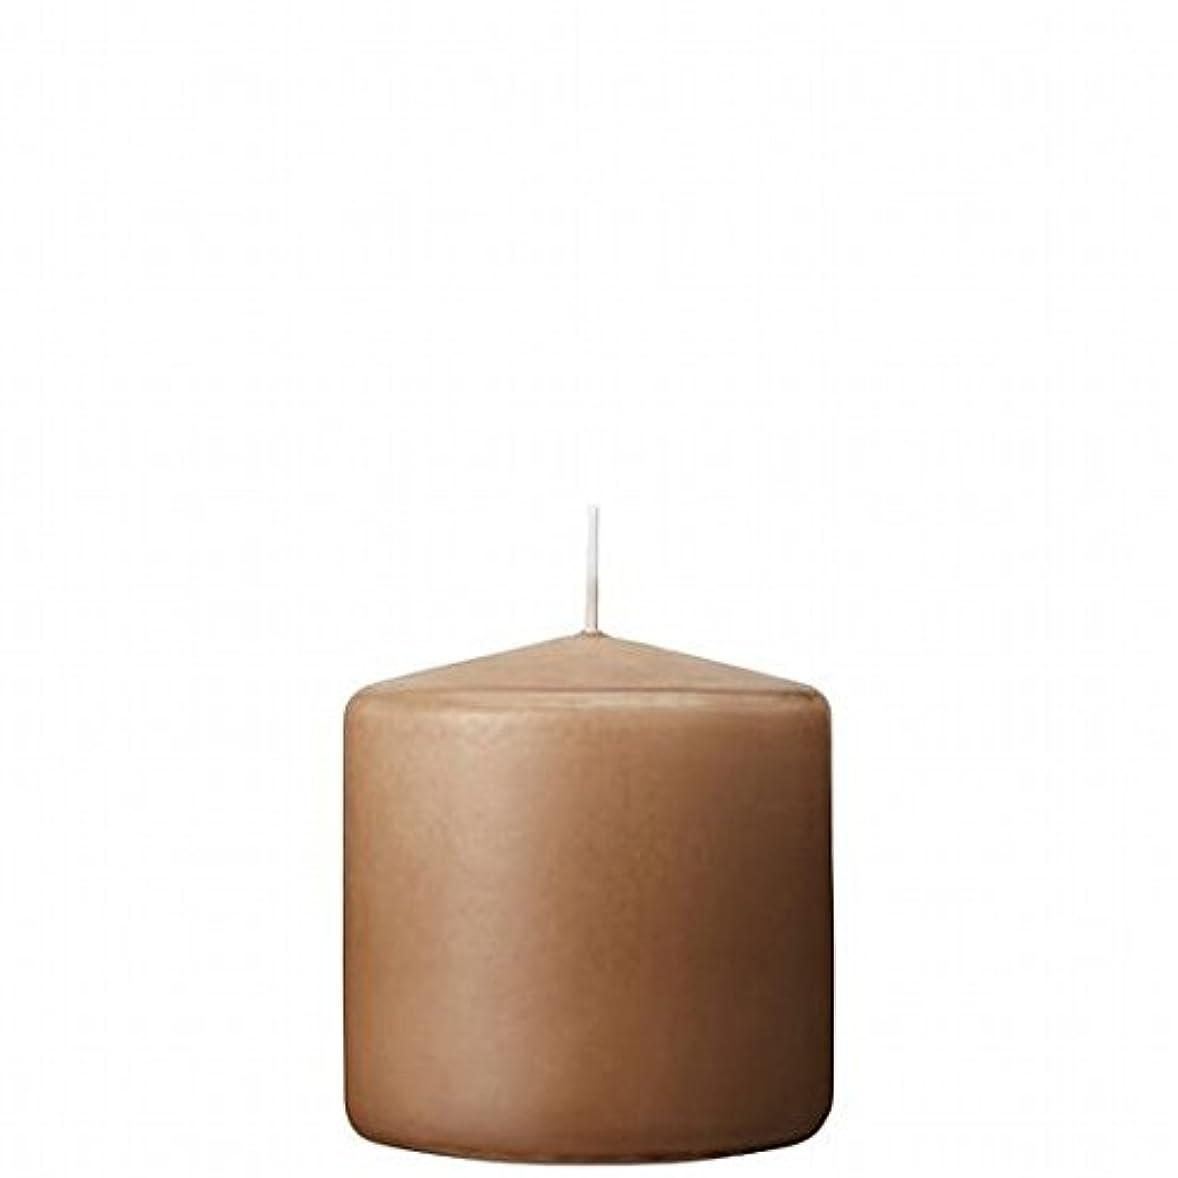 定数つかまえるアーカイブkameyama candle(カメヤマキャンドル) 3×3ベルトップピラーキャンドル 「 モカ 」(A9730000MO)